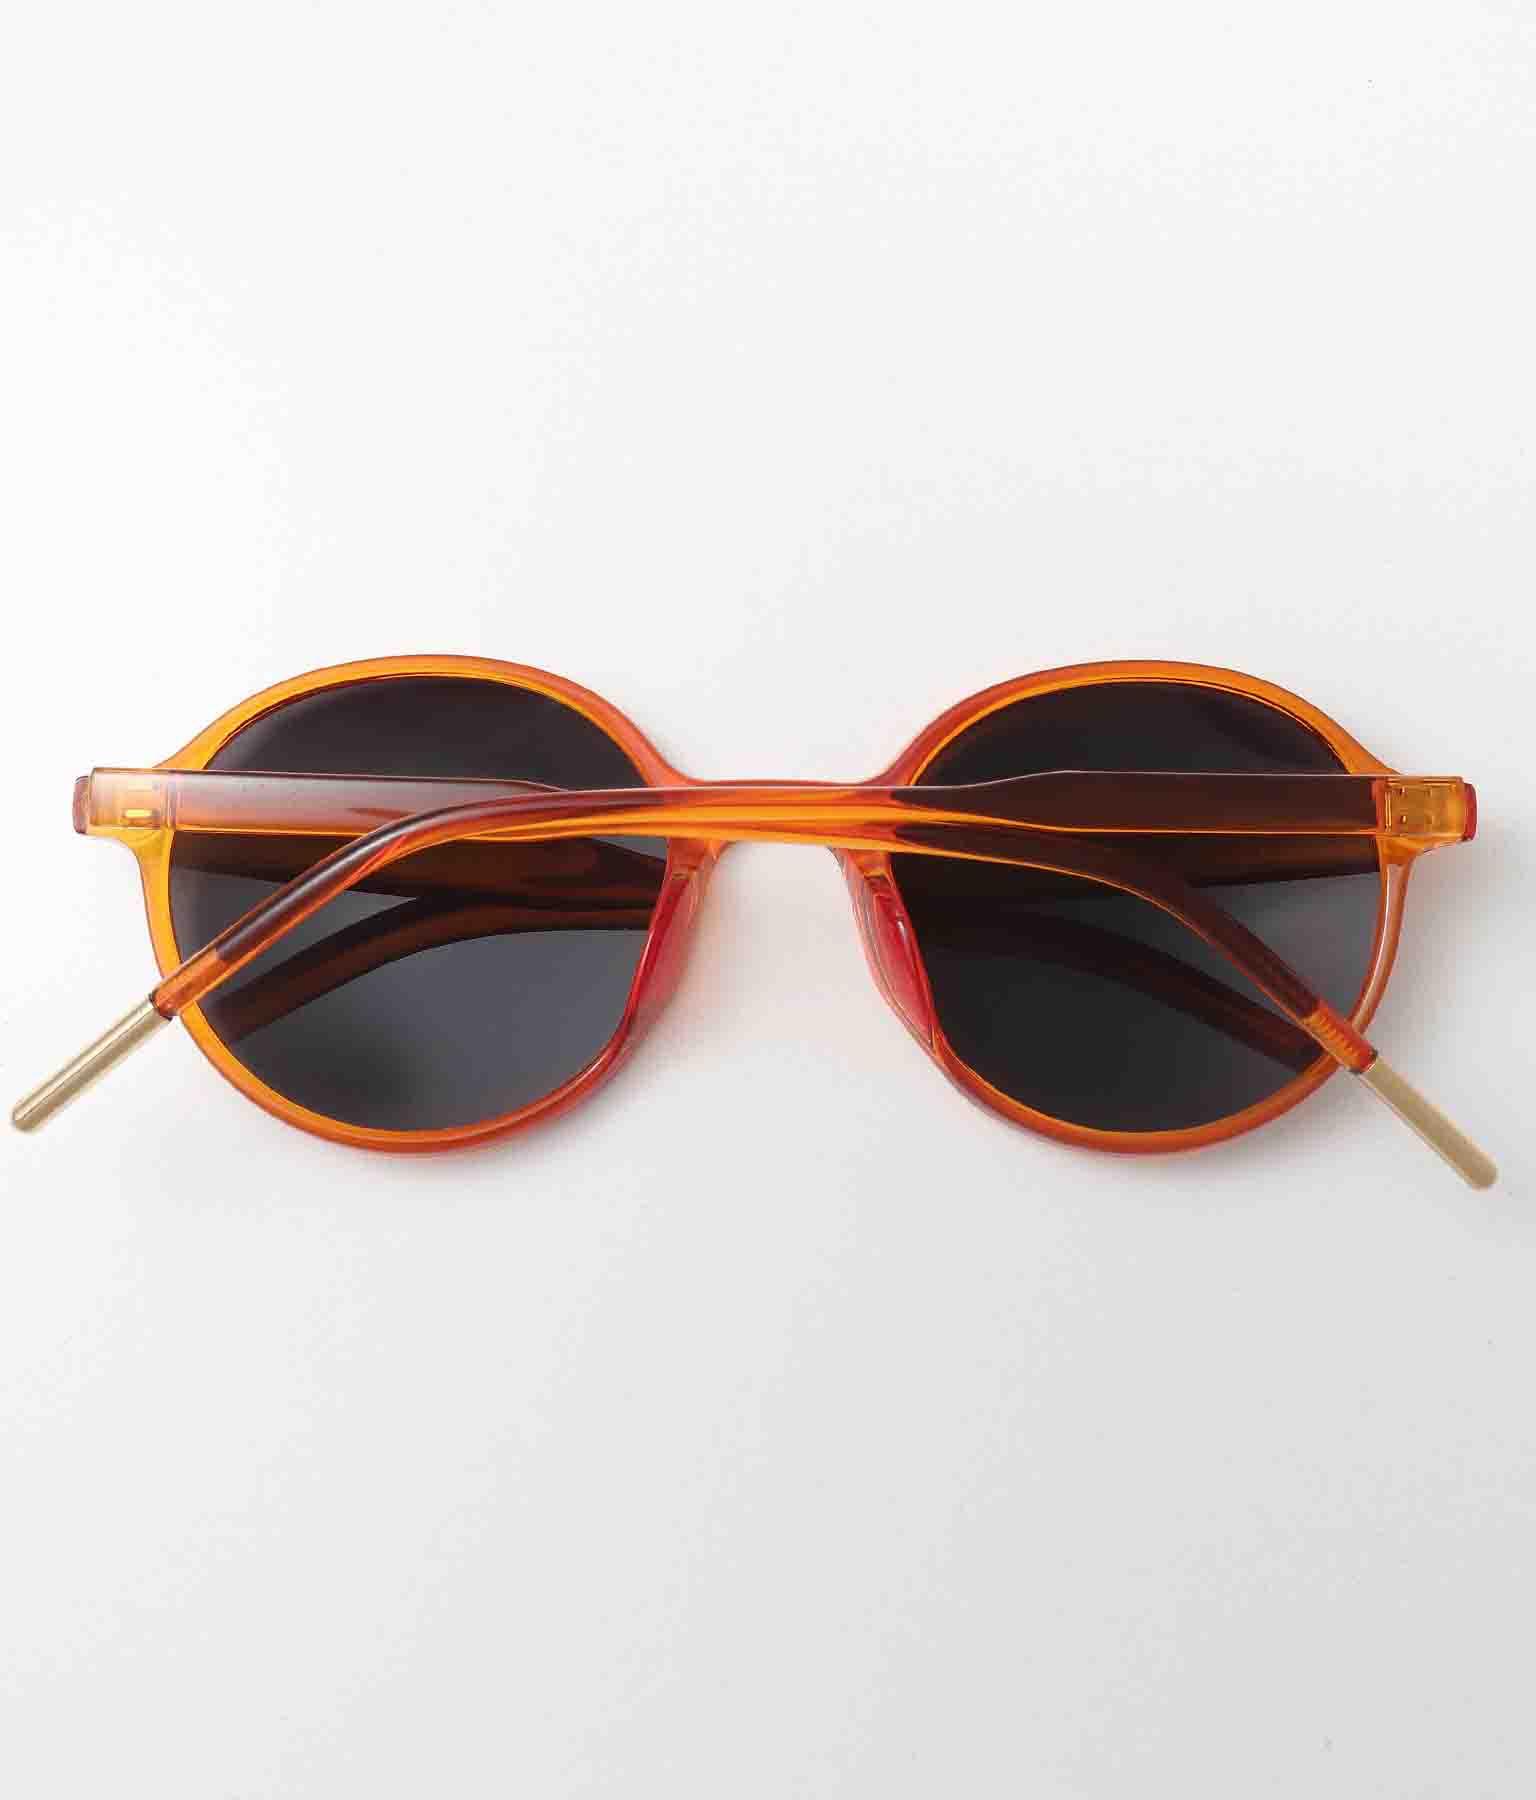 ラウンドフレームサングラス(ファッション雑貨/サングラス) | anap mimpi